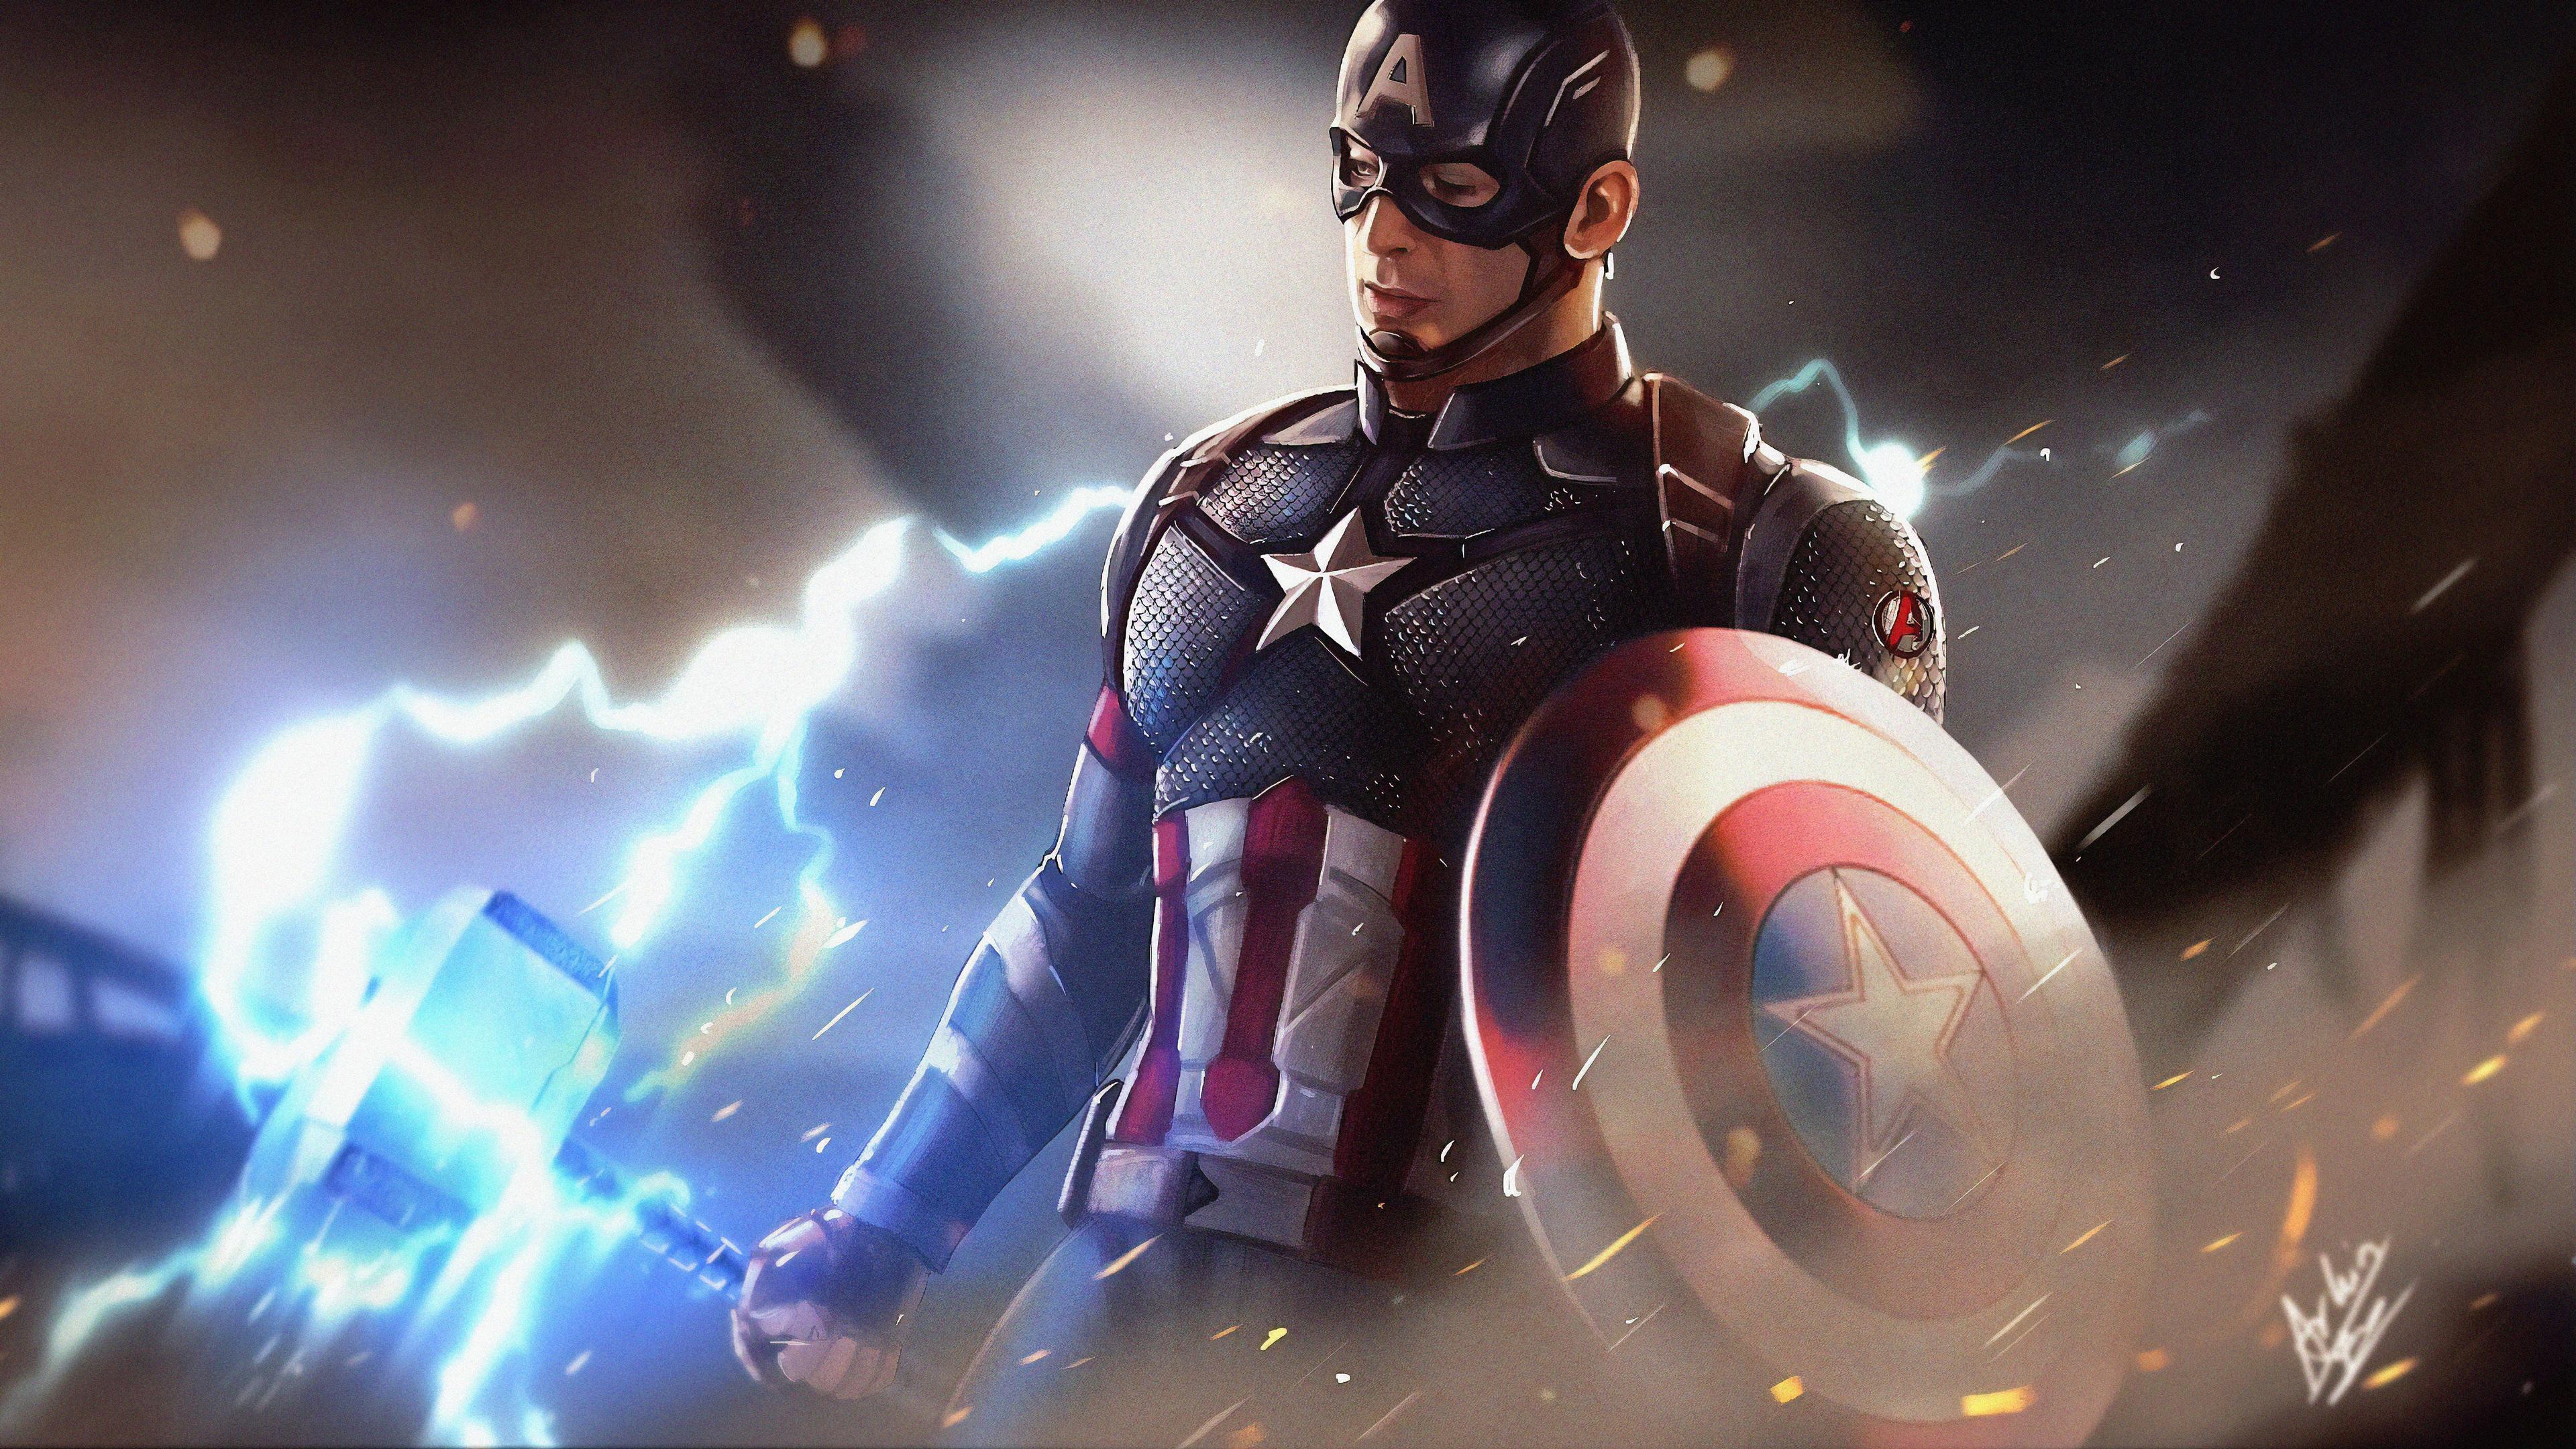 captain america artwork 1563219800 - Captain America Artwork - superheroes wallpapers, hd-wallpapers, digital art wallpapers, captain america wallpapers, artwork wallpapers, artist wallpapers, 4k-wallpapers